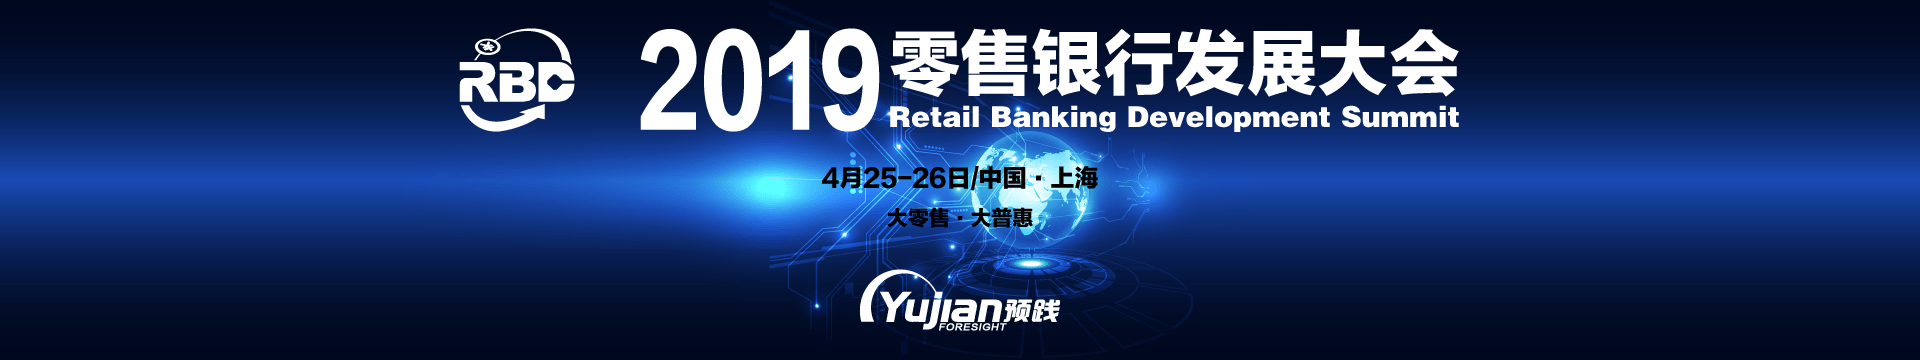 2019零售银行发展大会(上海)